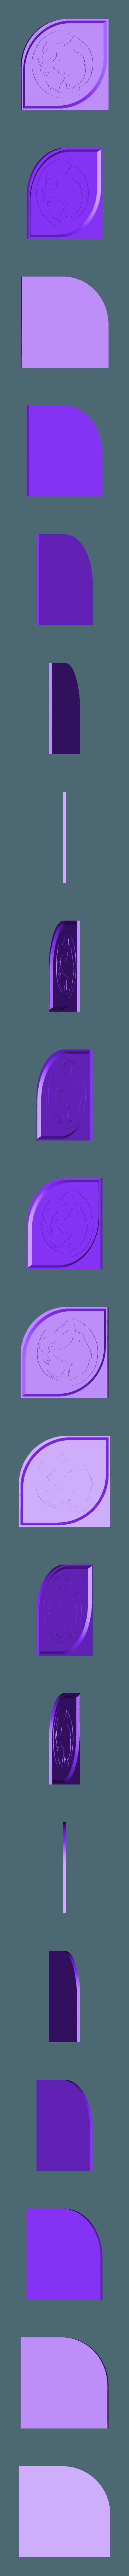 dragon_guerrier.stl Télécharger fichier STL gratuit Guerrier vs Dragon - Guerrier vs Dragon • Objet à imprimer en 3D, yb__magiic